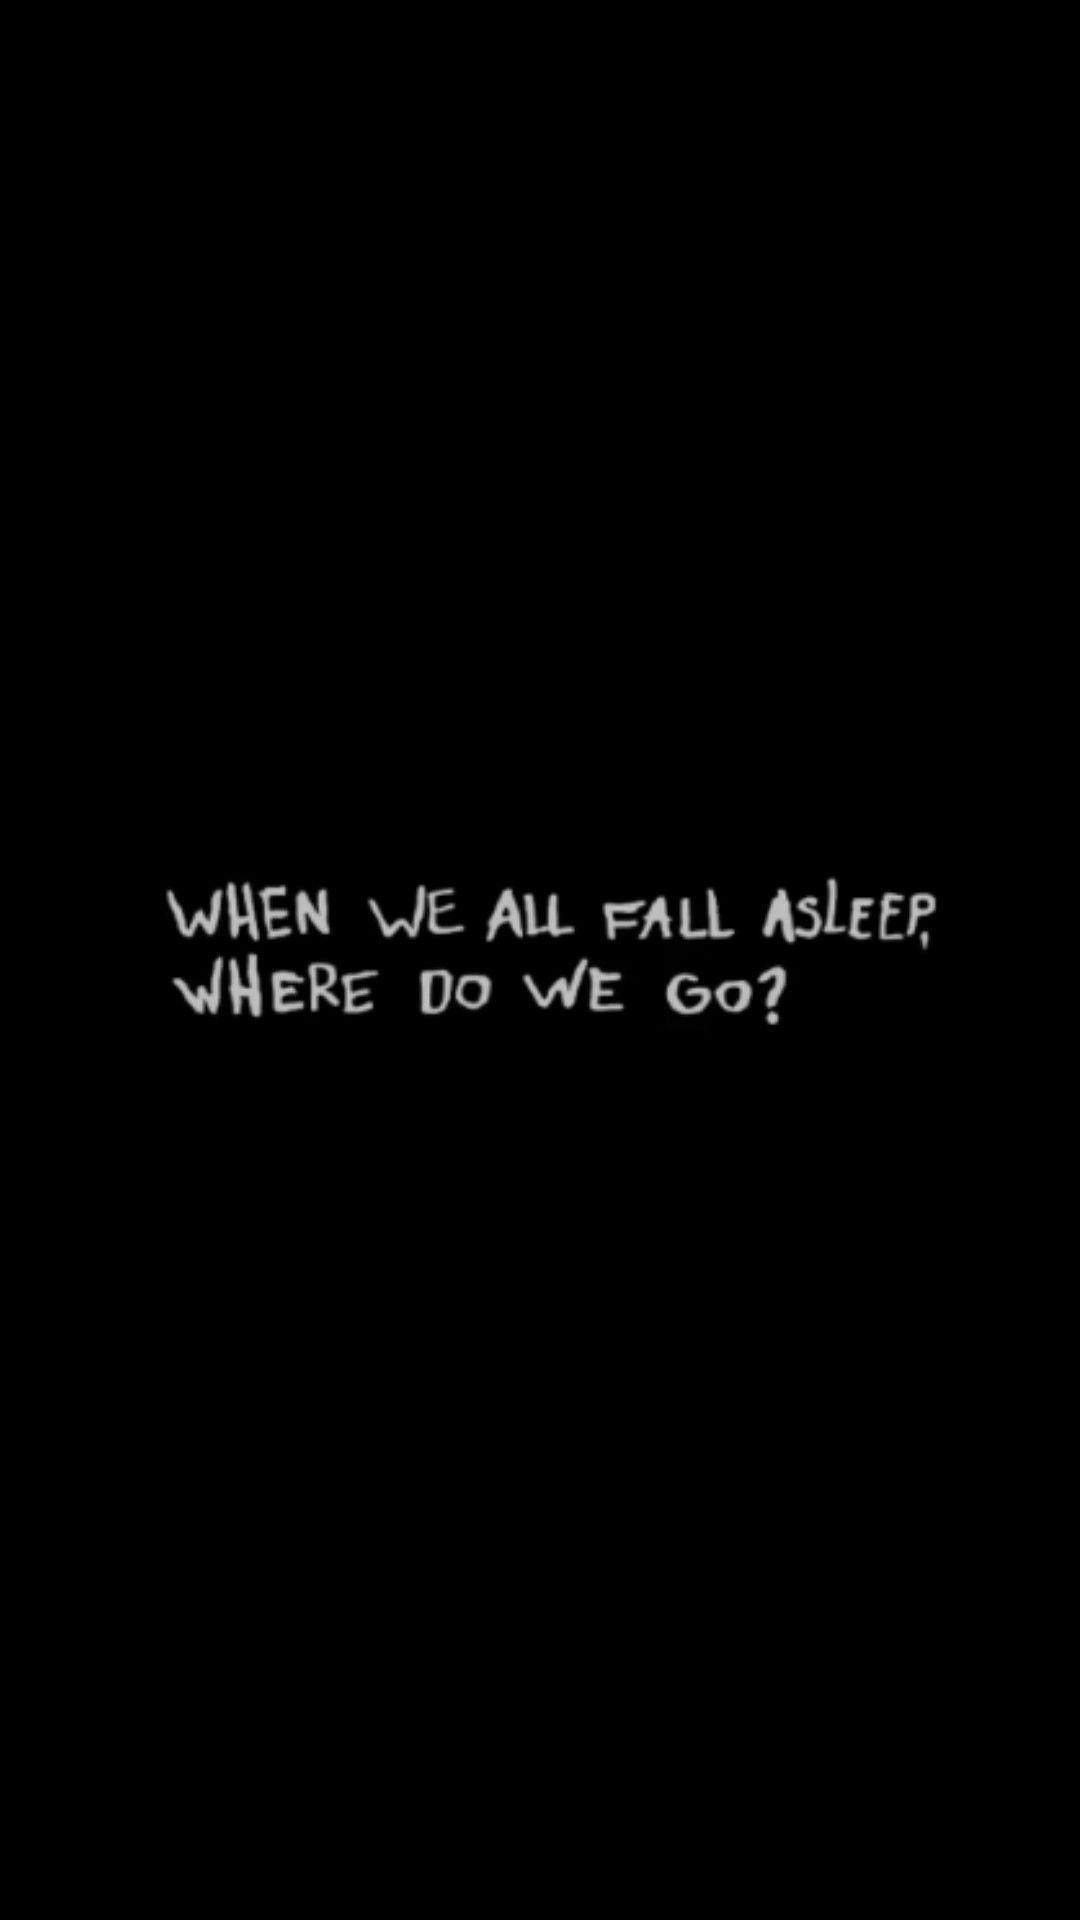 When We All Fall Asleep Where Do We Go Billie Eilish With